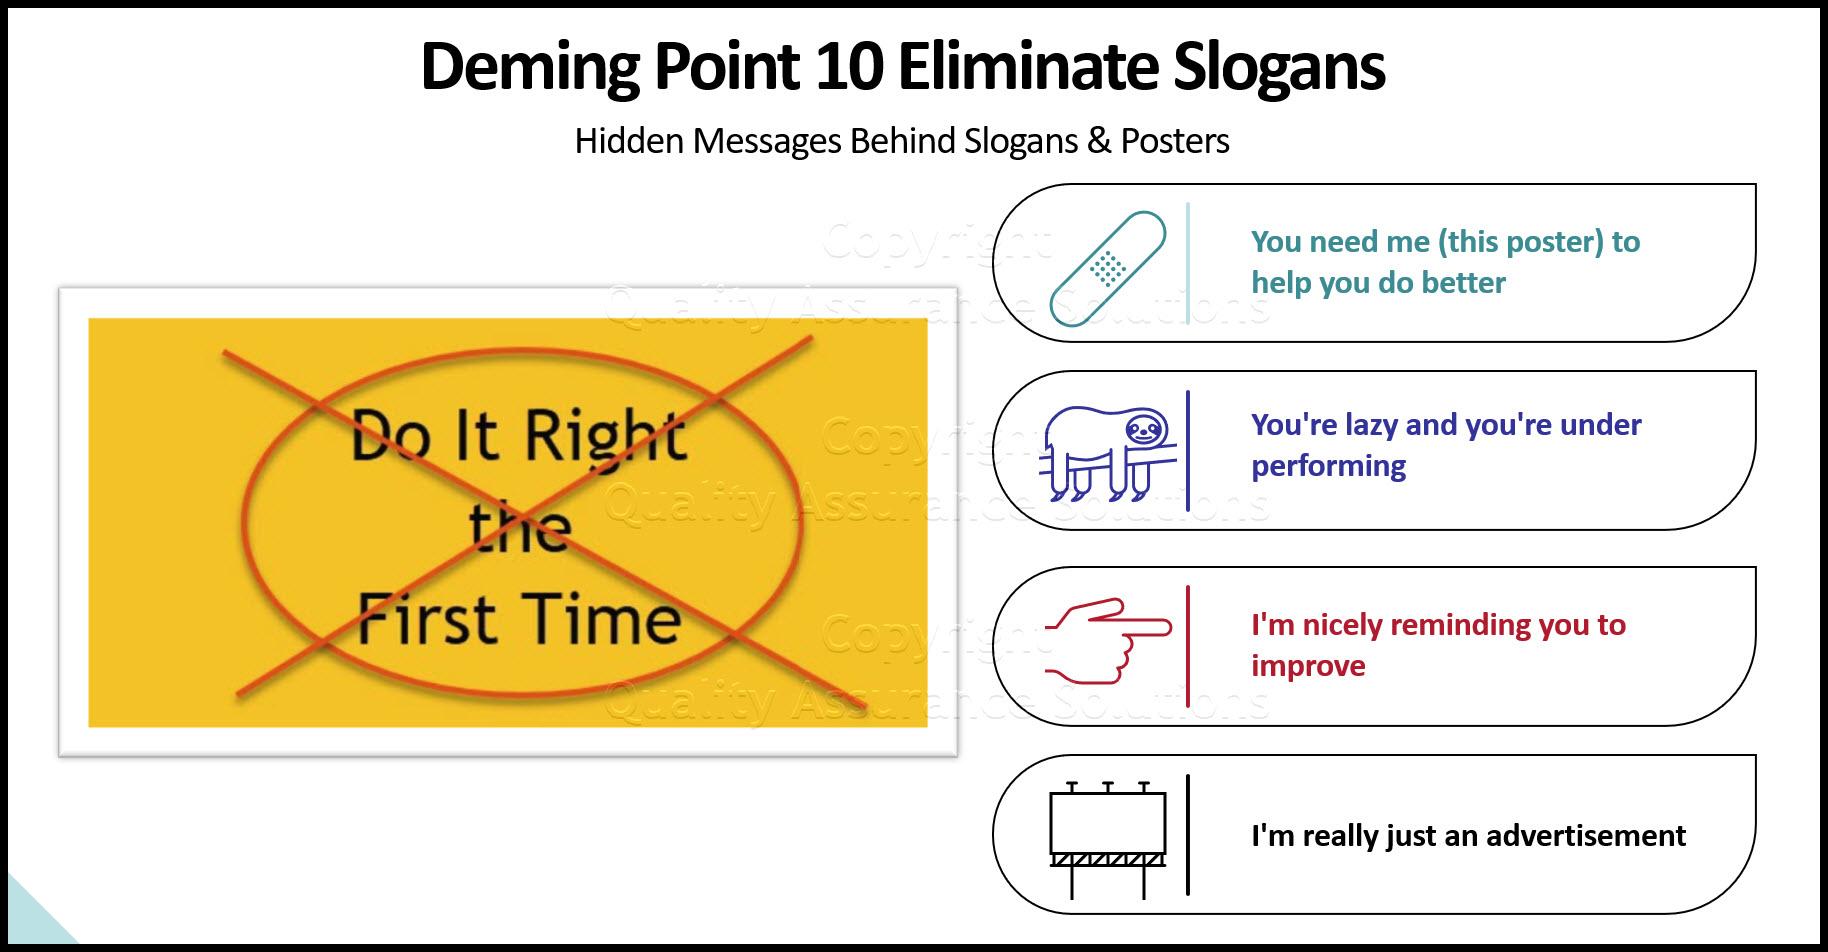 Deming Point 10 slide